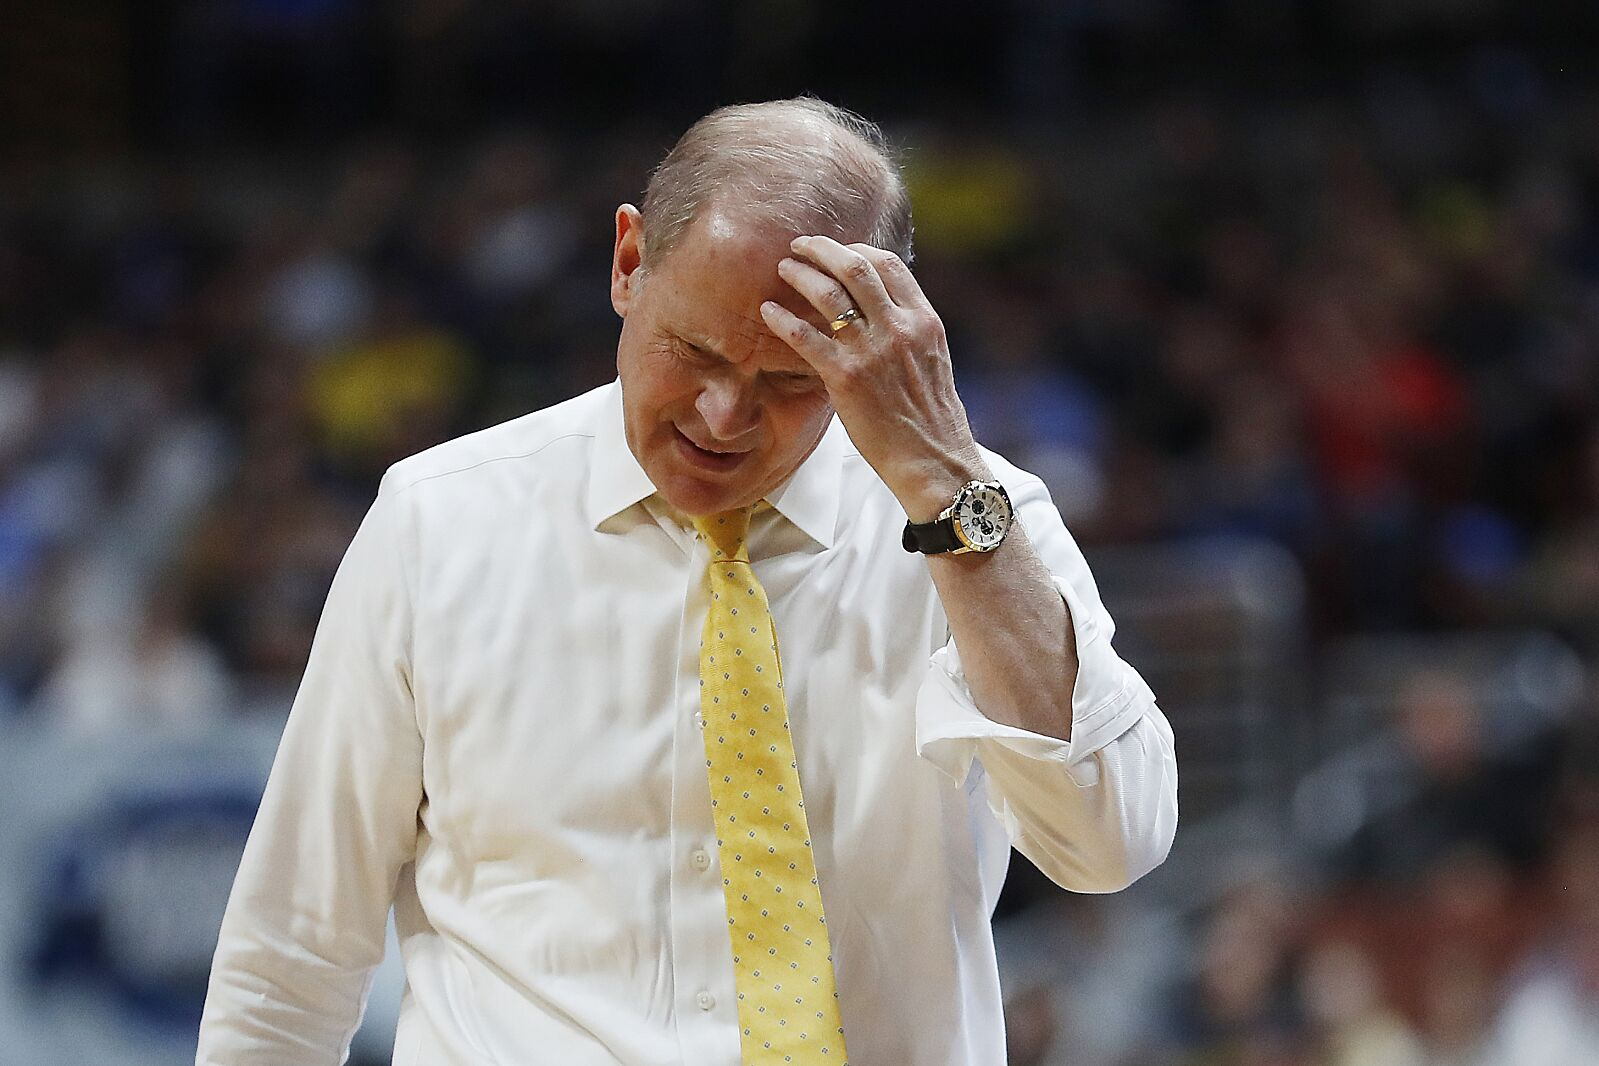 NCAA Basketball Recruiting: Pros and cons of Jalen Wilson's final teams